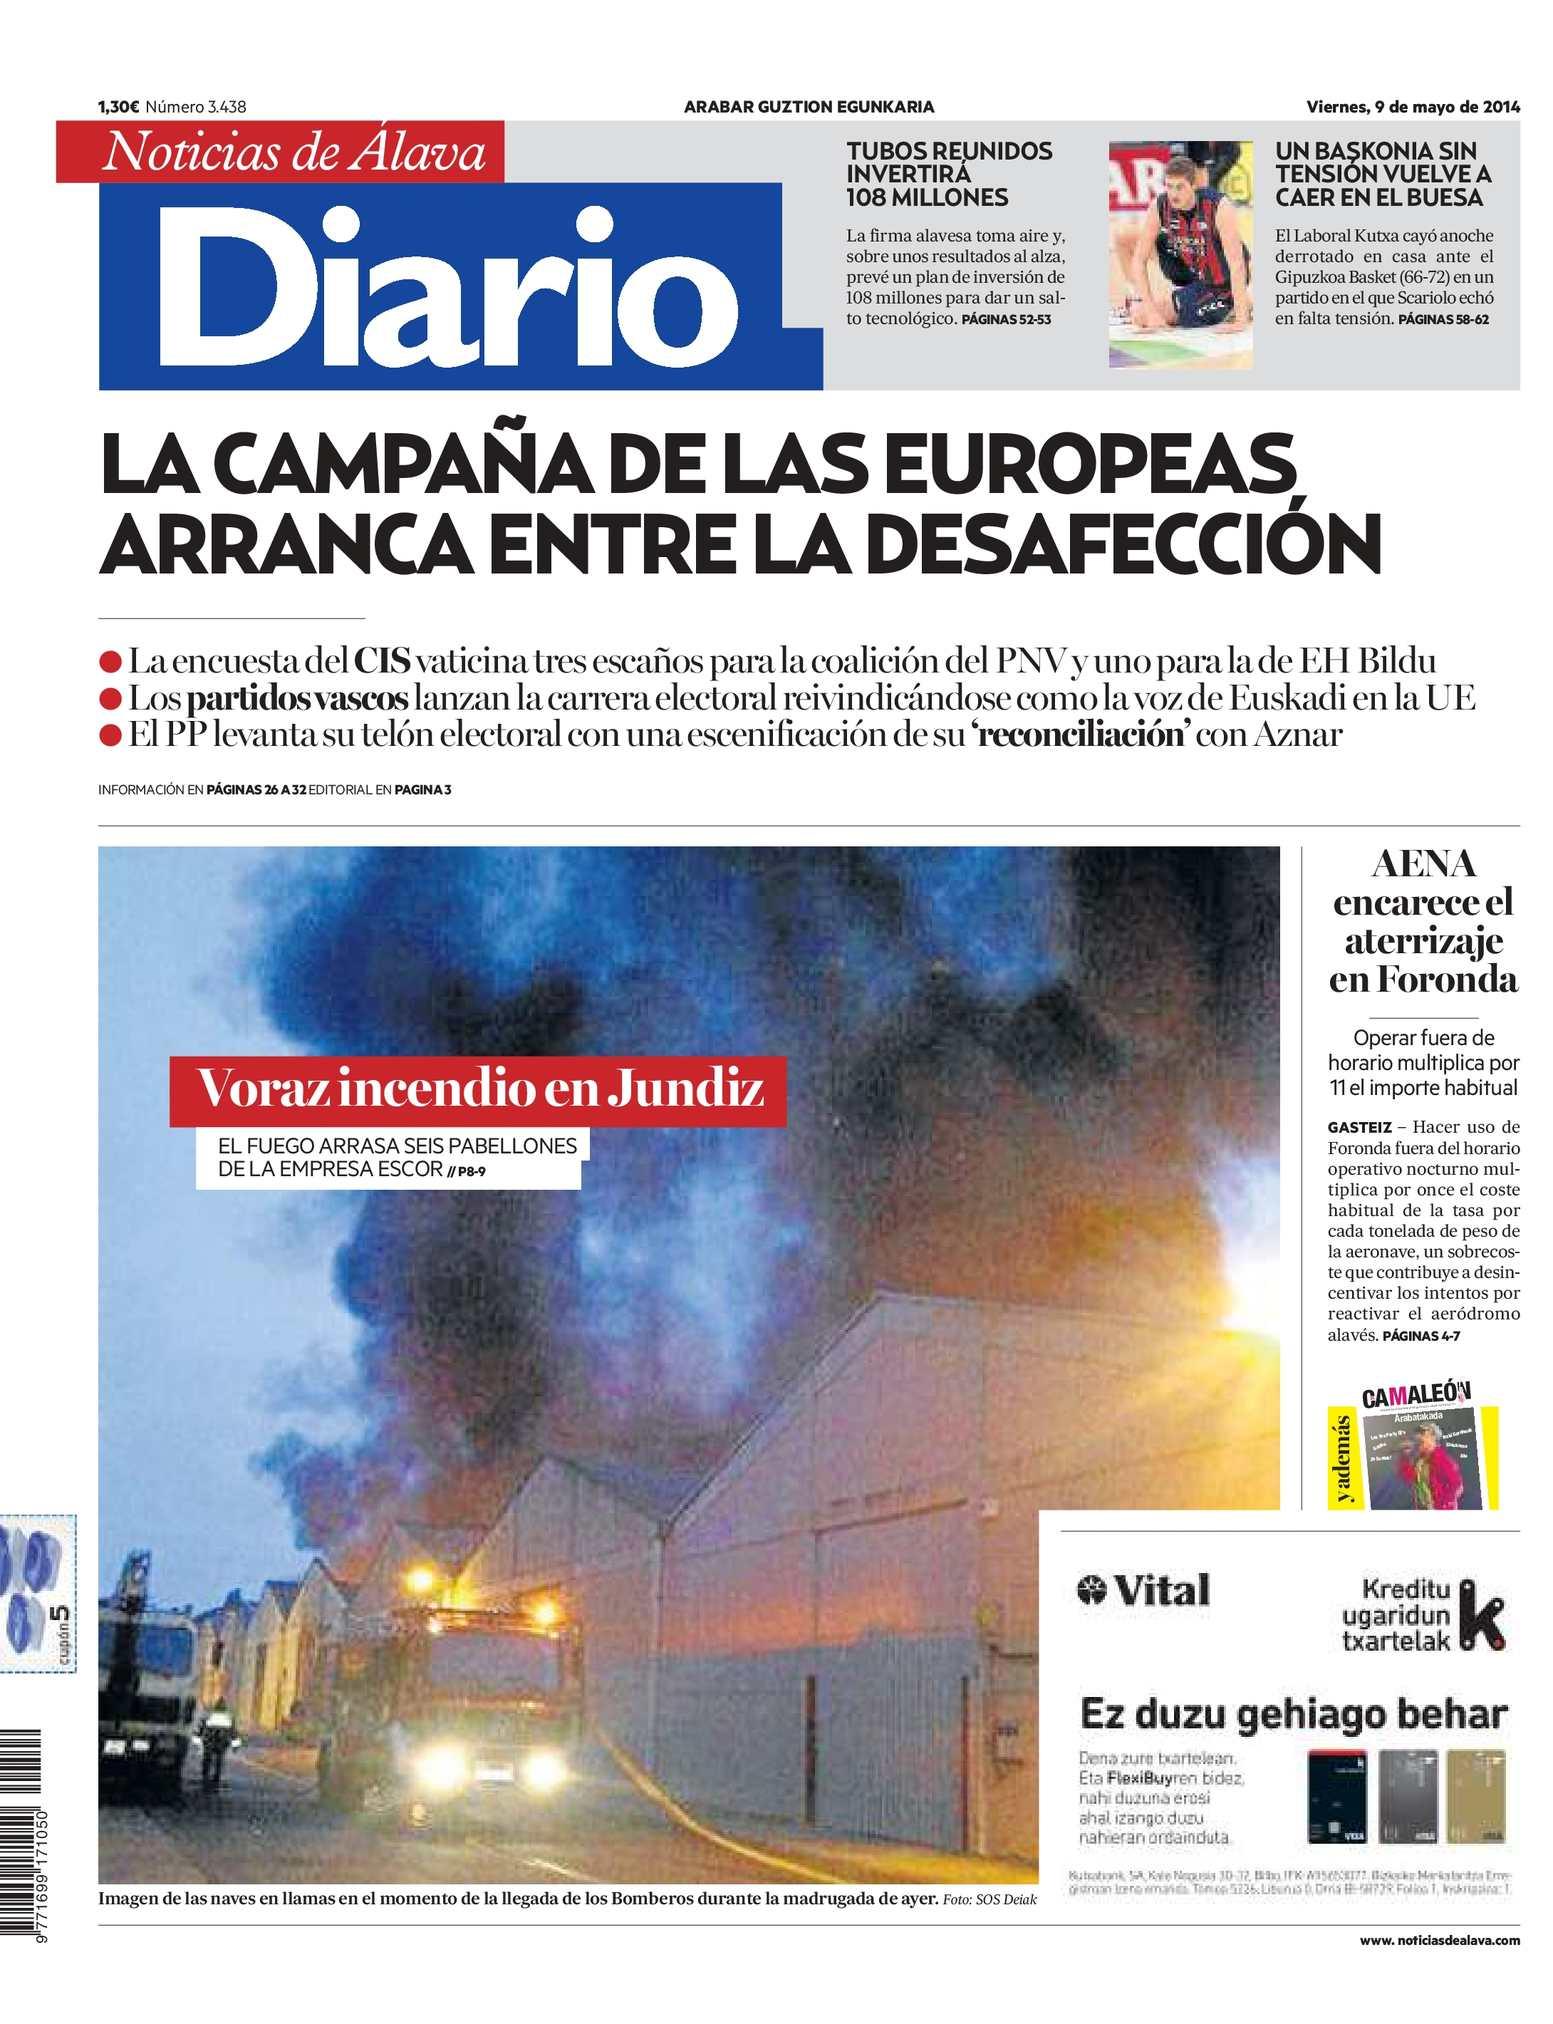 Calaméo - Diario de Noticias de Álava 20140509 d60a12b22ffe